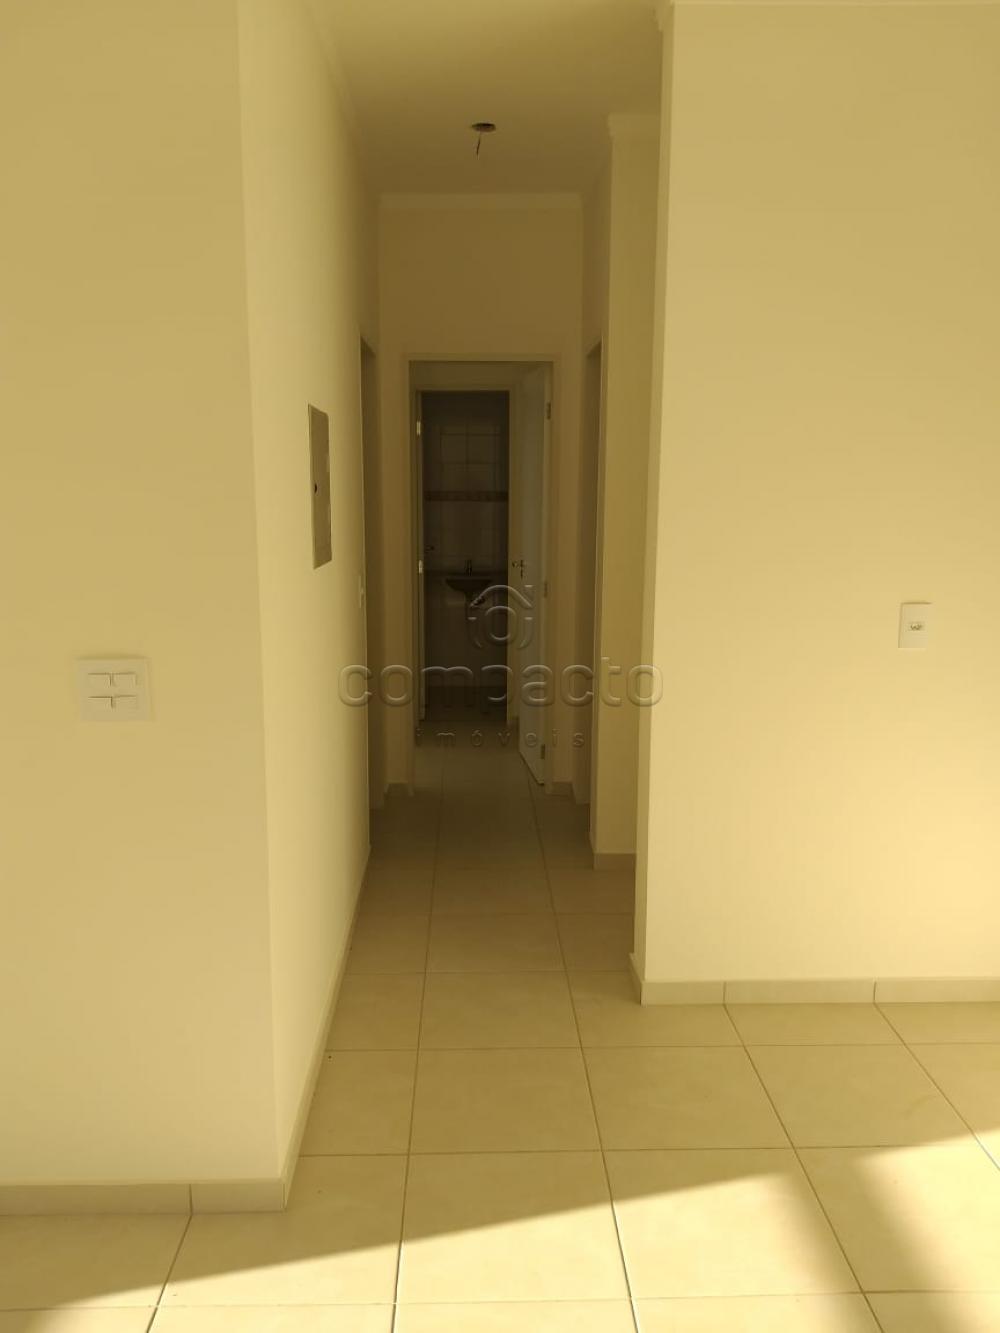 Comprar Apartamento / Padrão em São José do Rio Preto apenas R$ 290.000,00 - Foto 6